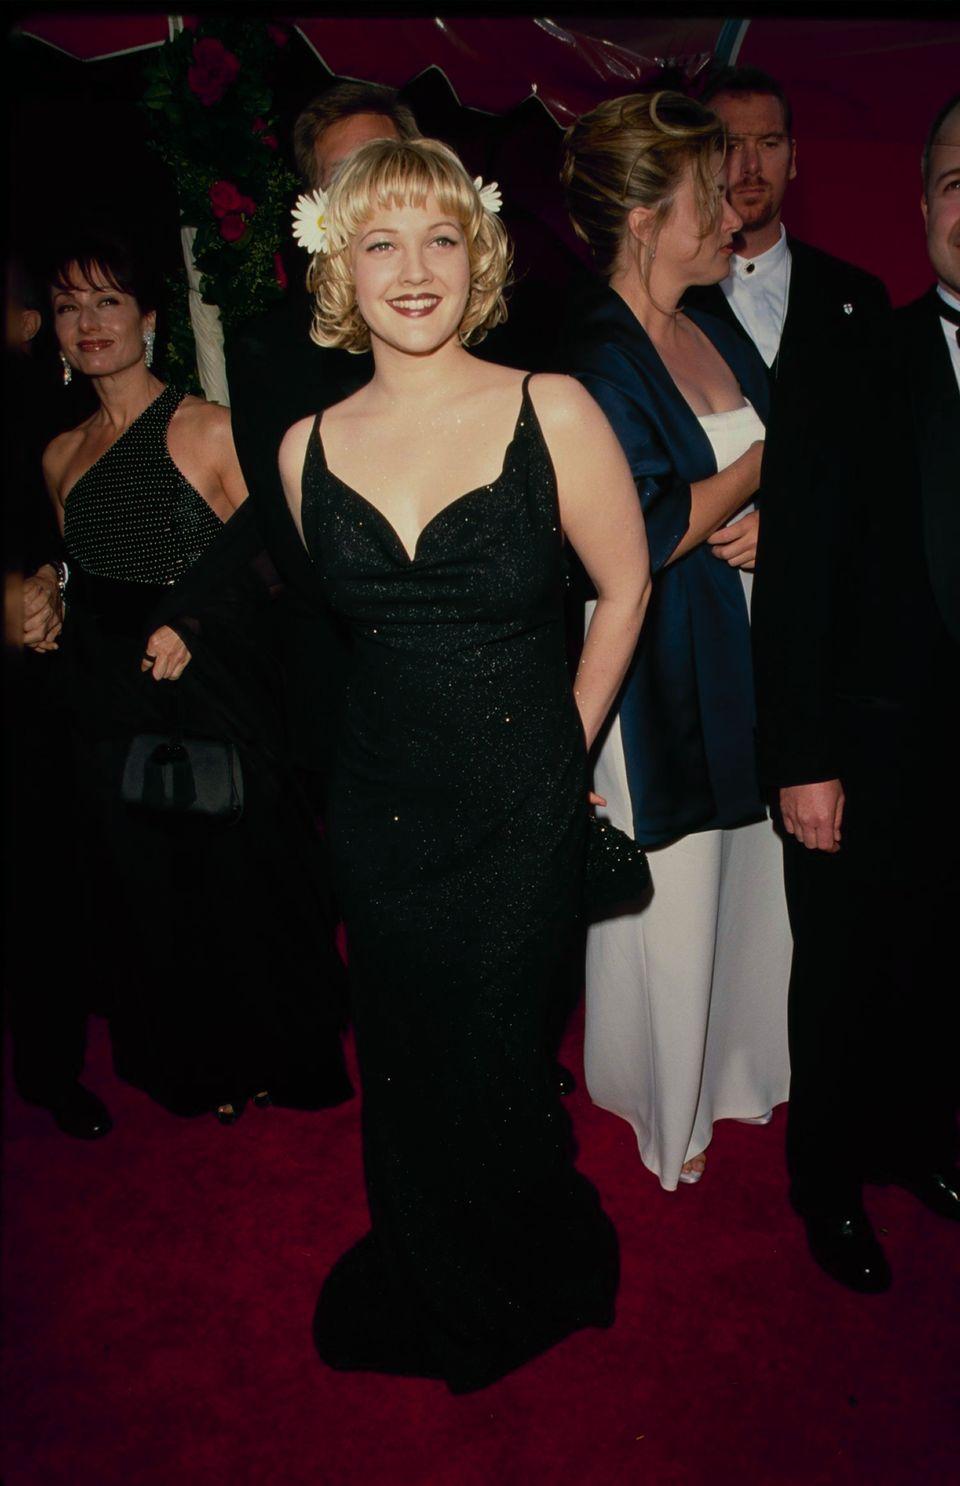 Drew Barrymore mặc đầm dạ hội đen và cài hoa lên tóc trên thảm đỏ Oscar năm 1998